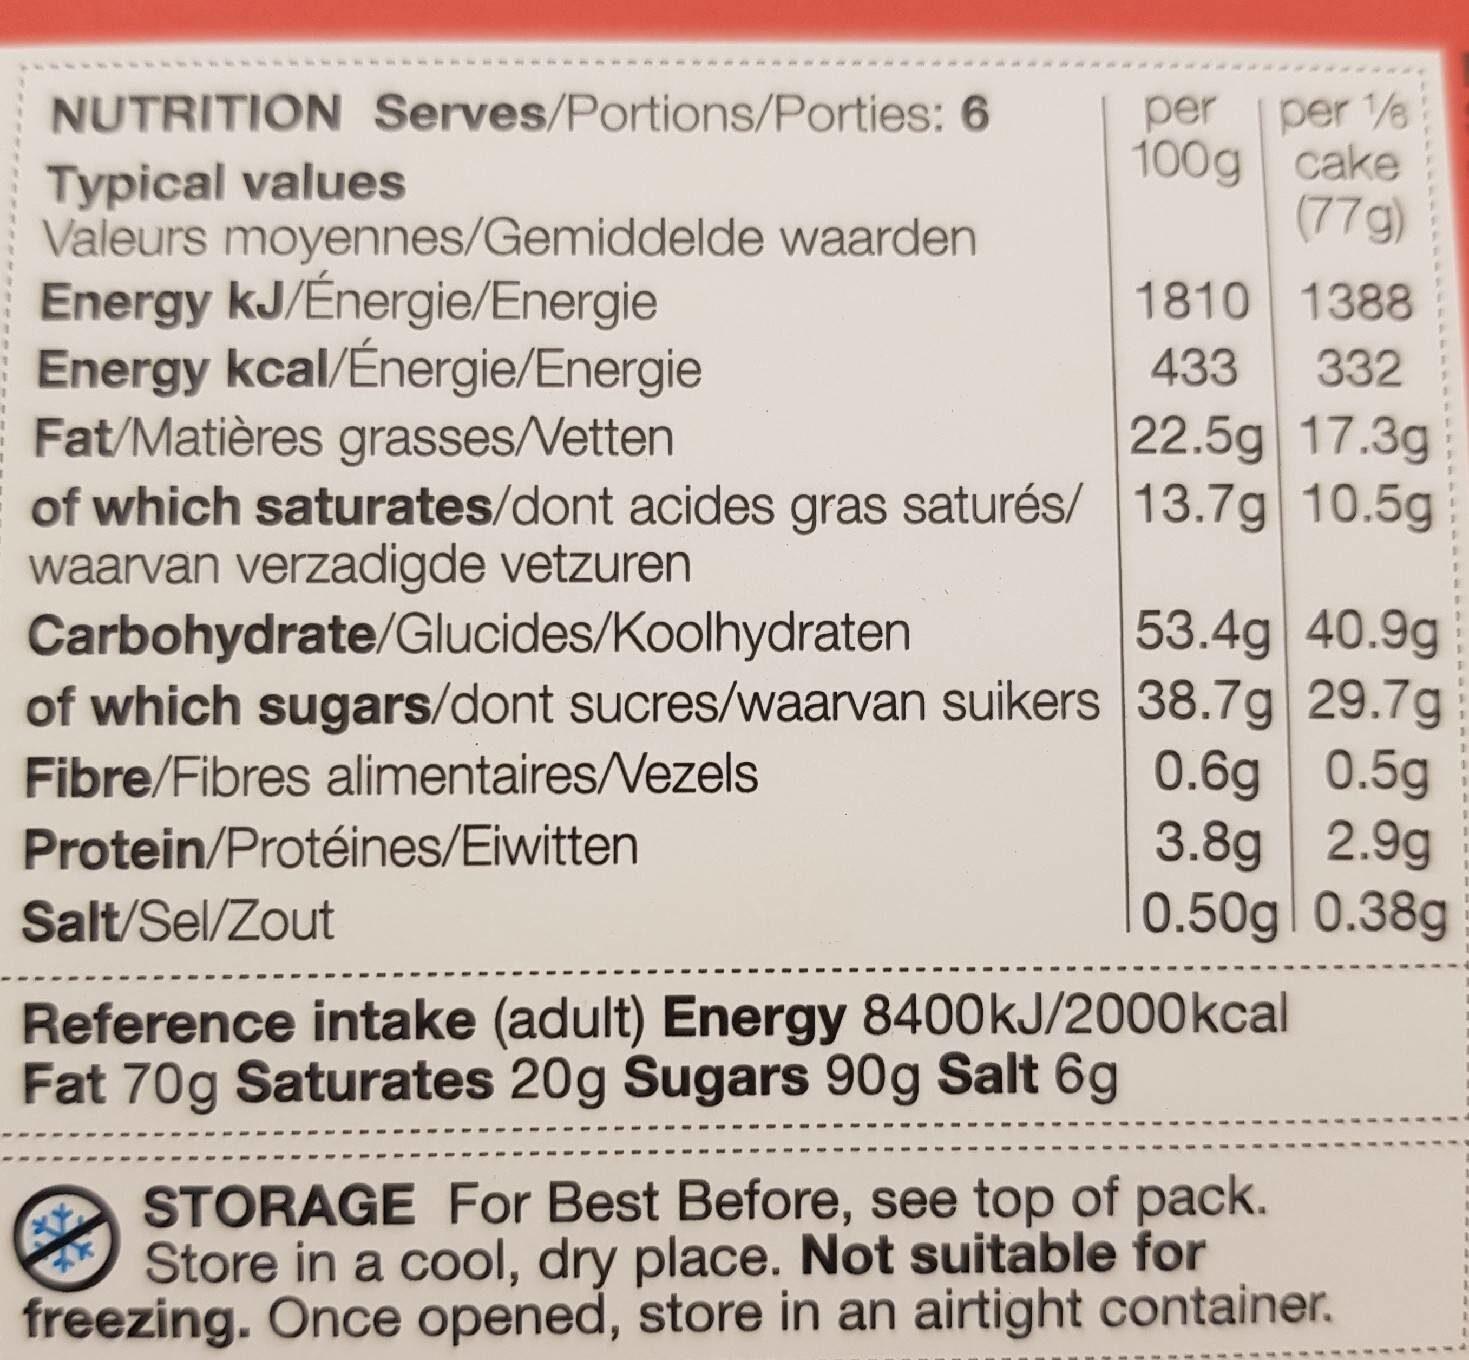 Red velvet cake - Nutrition facts